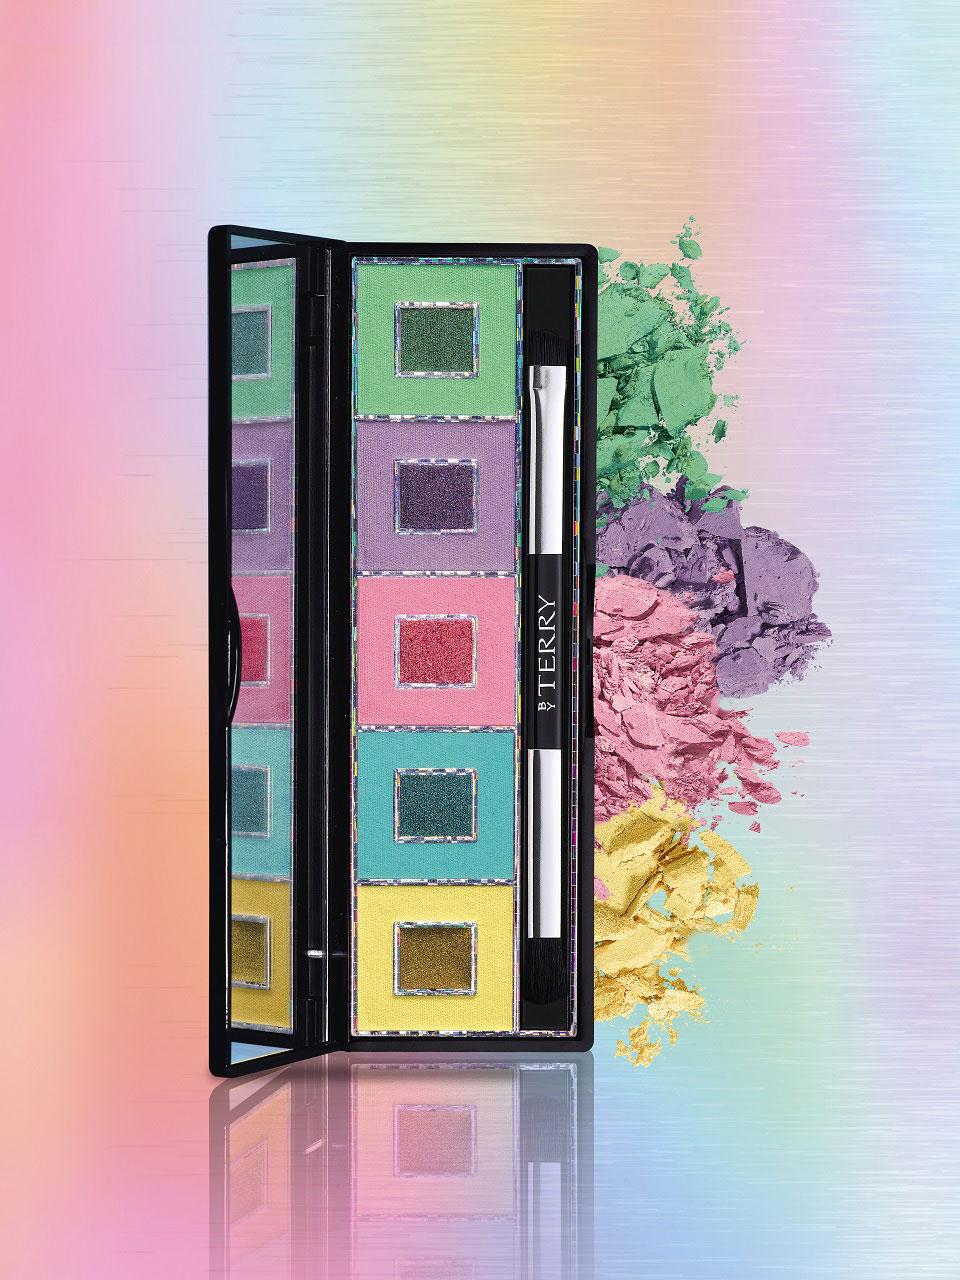 Fun Tasia heisst die Frühlingskollektion von By Terry, die vom angesagten Hologramm-Trend inspiriert ist.